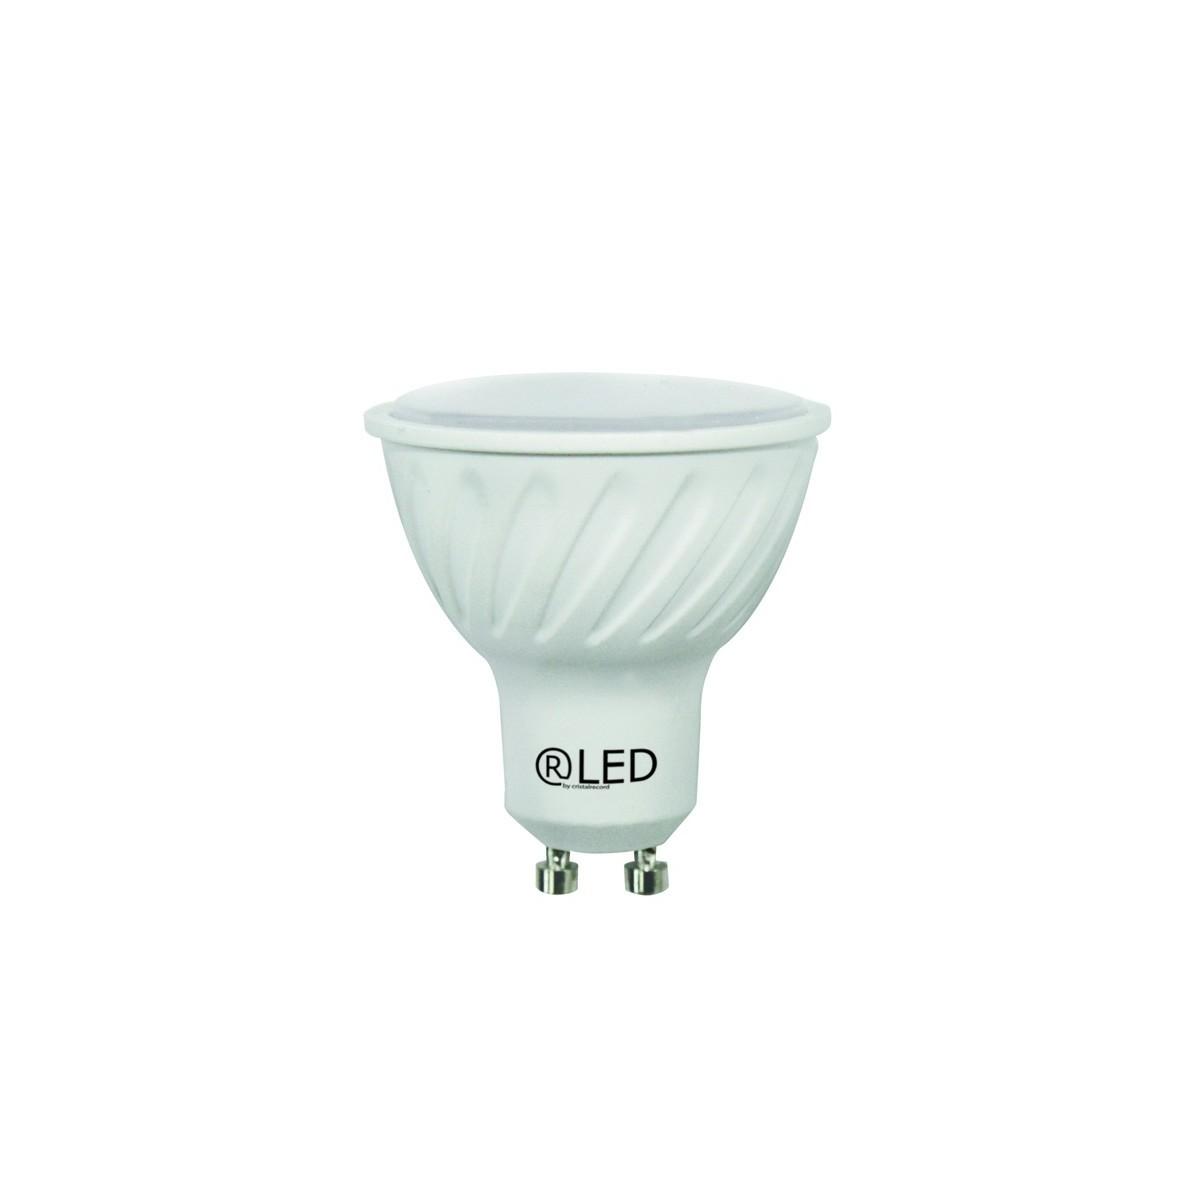 GU10 LED SMD 6.8W 690LM 3000K